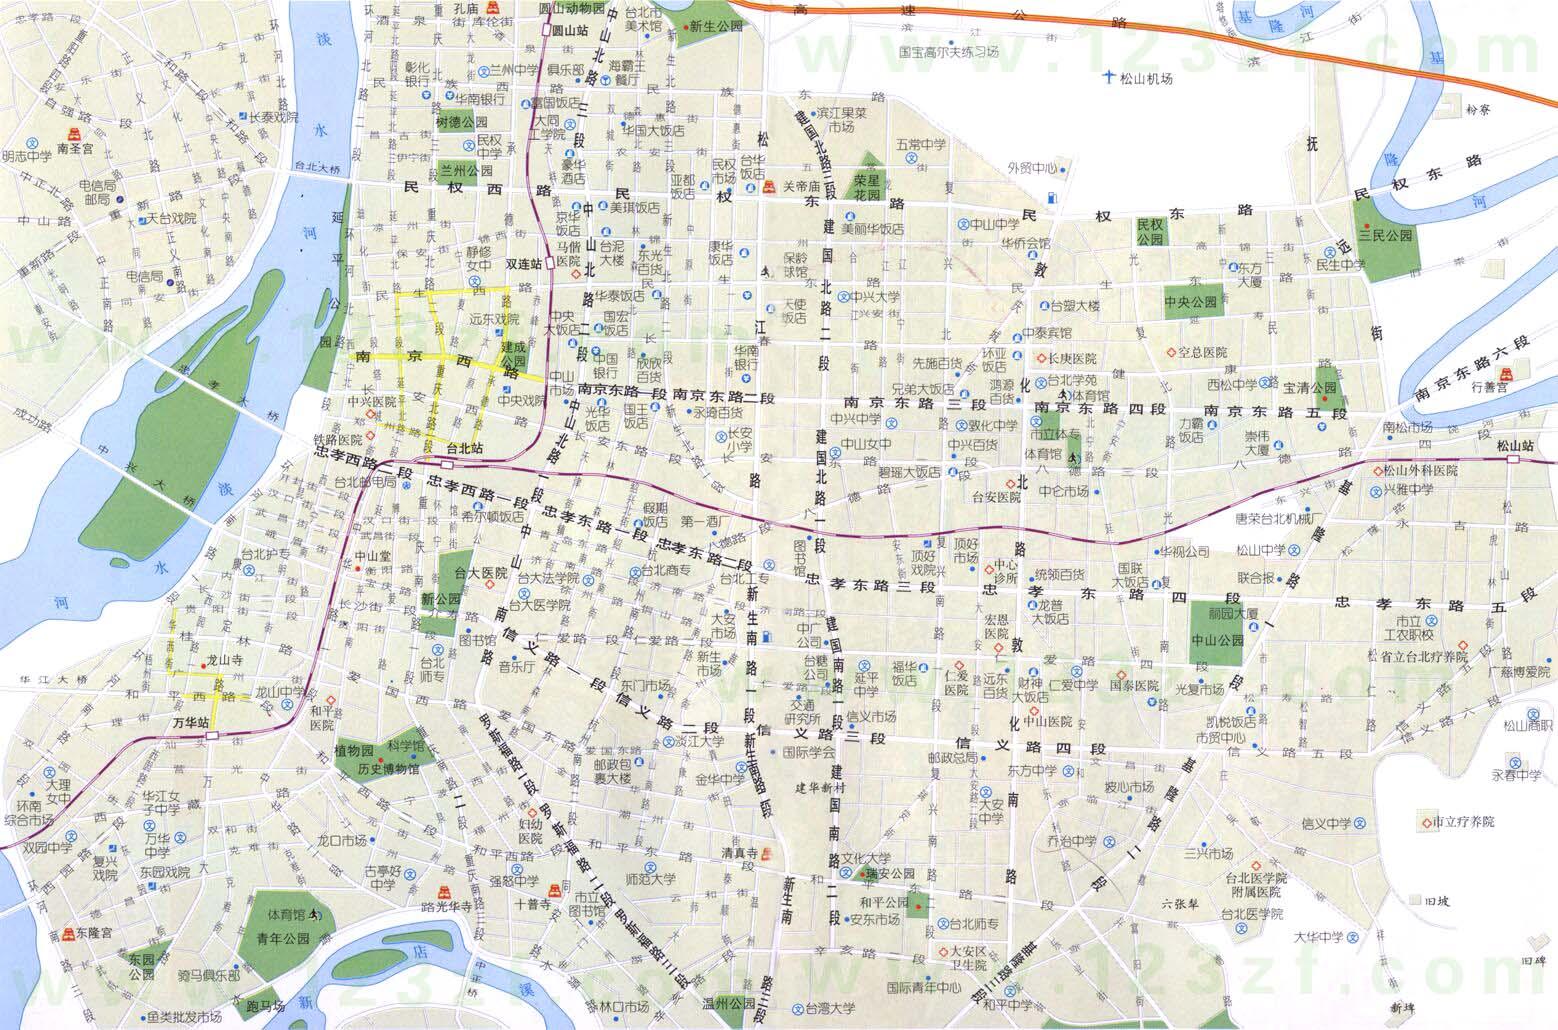 台北地图查看